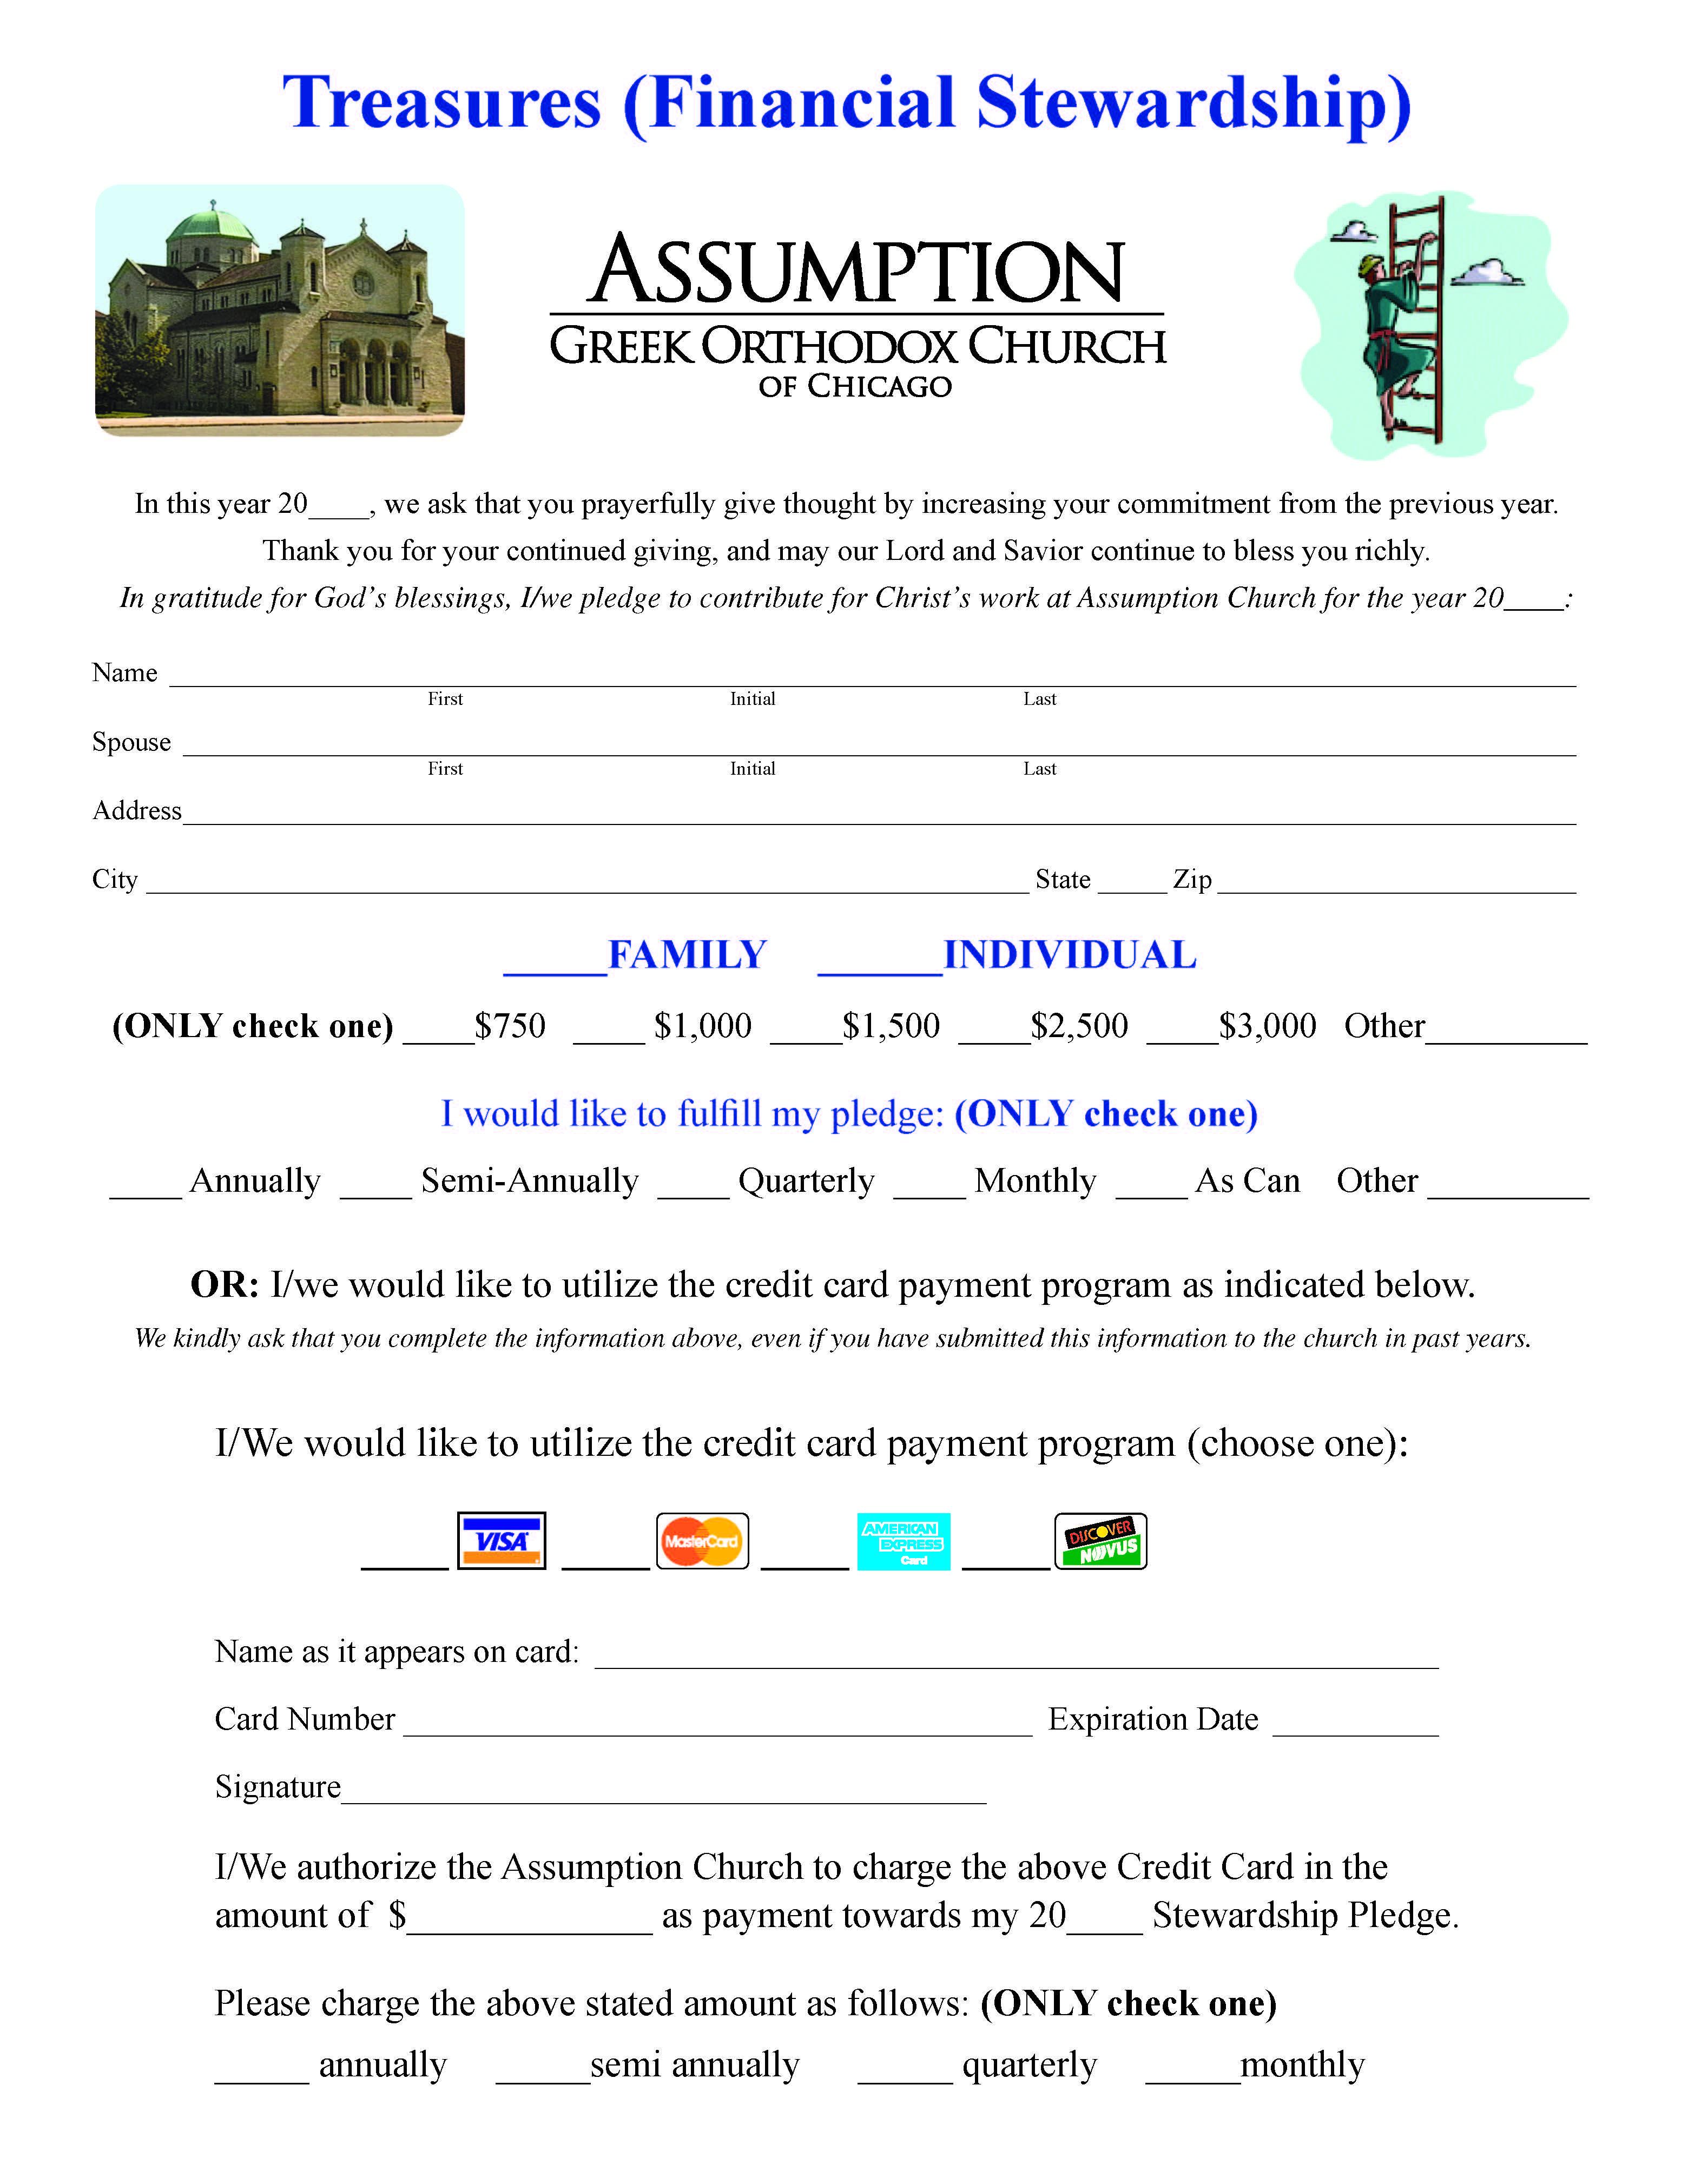 Stewardship Assumption Greek Orthodox Church